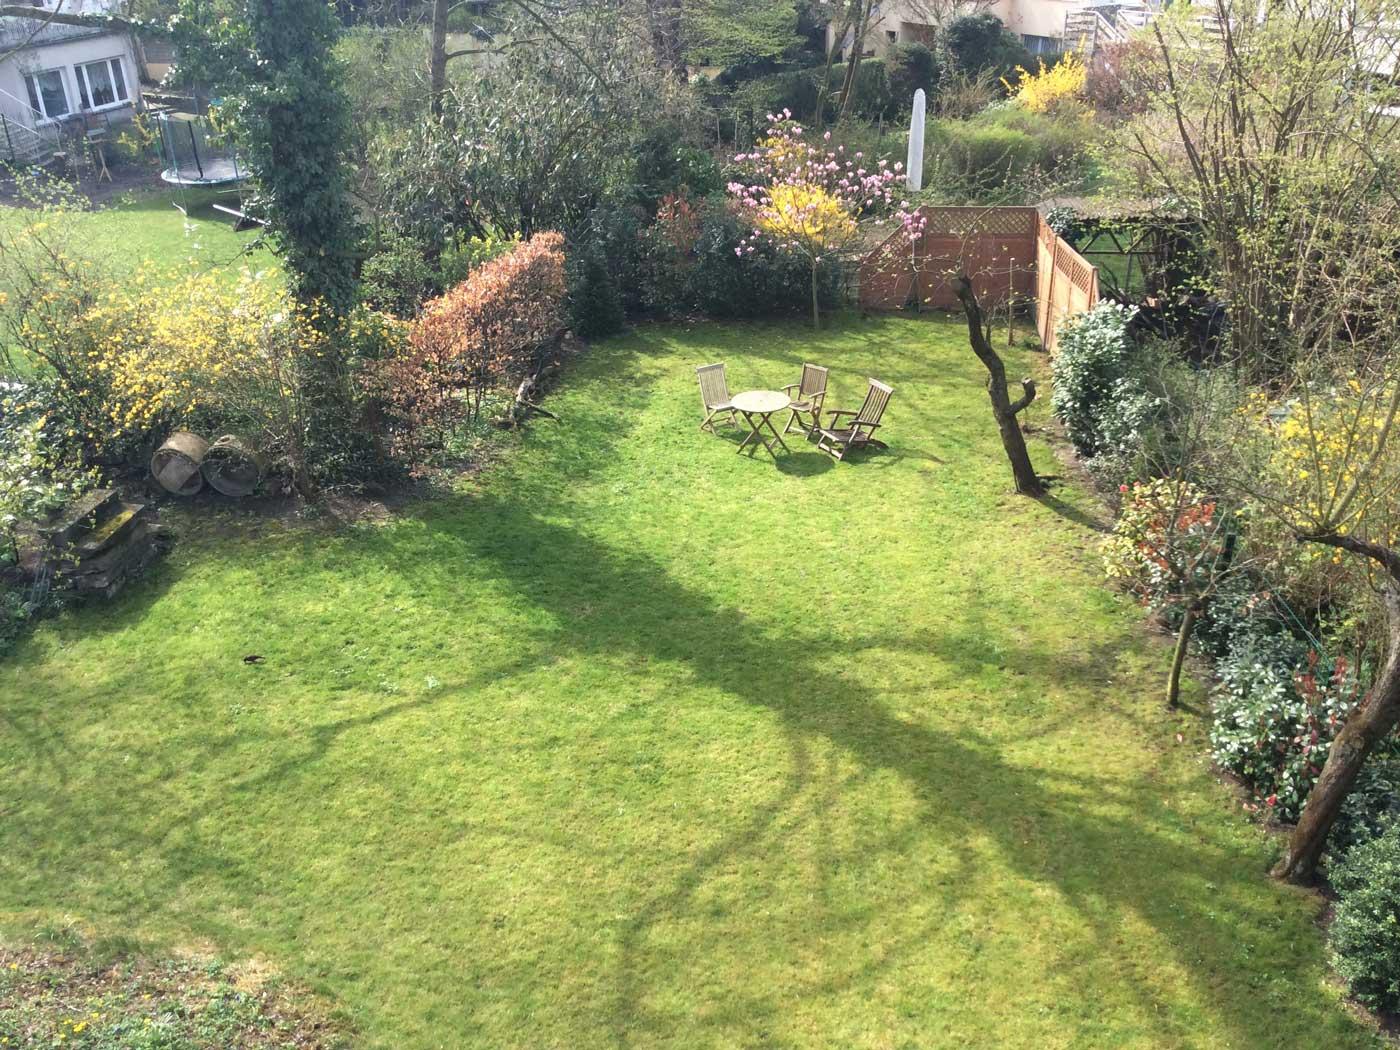 Schritt für Schritt wurde aus der großen Grünfläche ein idyllischer Garten...